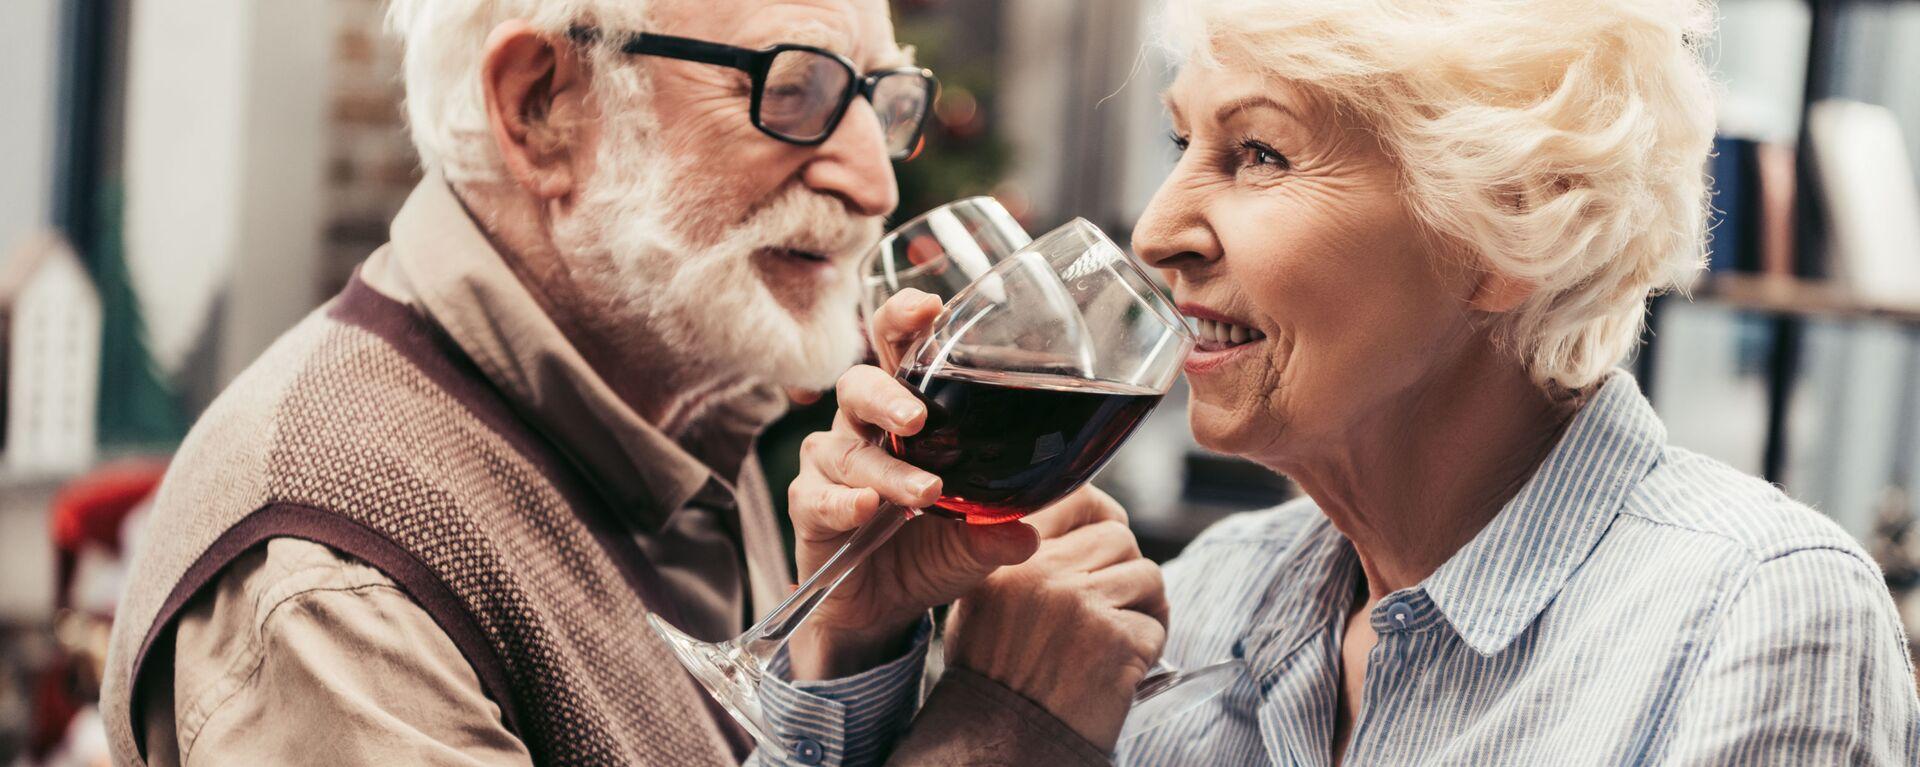 Ηλικιωμένο ζευγάρι απολαμβάνει ένα ποτήρι κρασί - Sputnik Ελλάδα, 1920, 15.01.2021